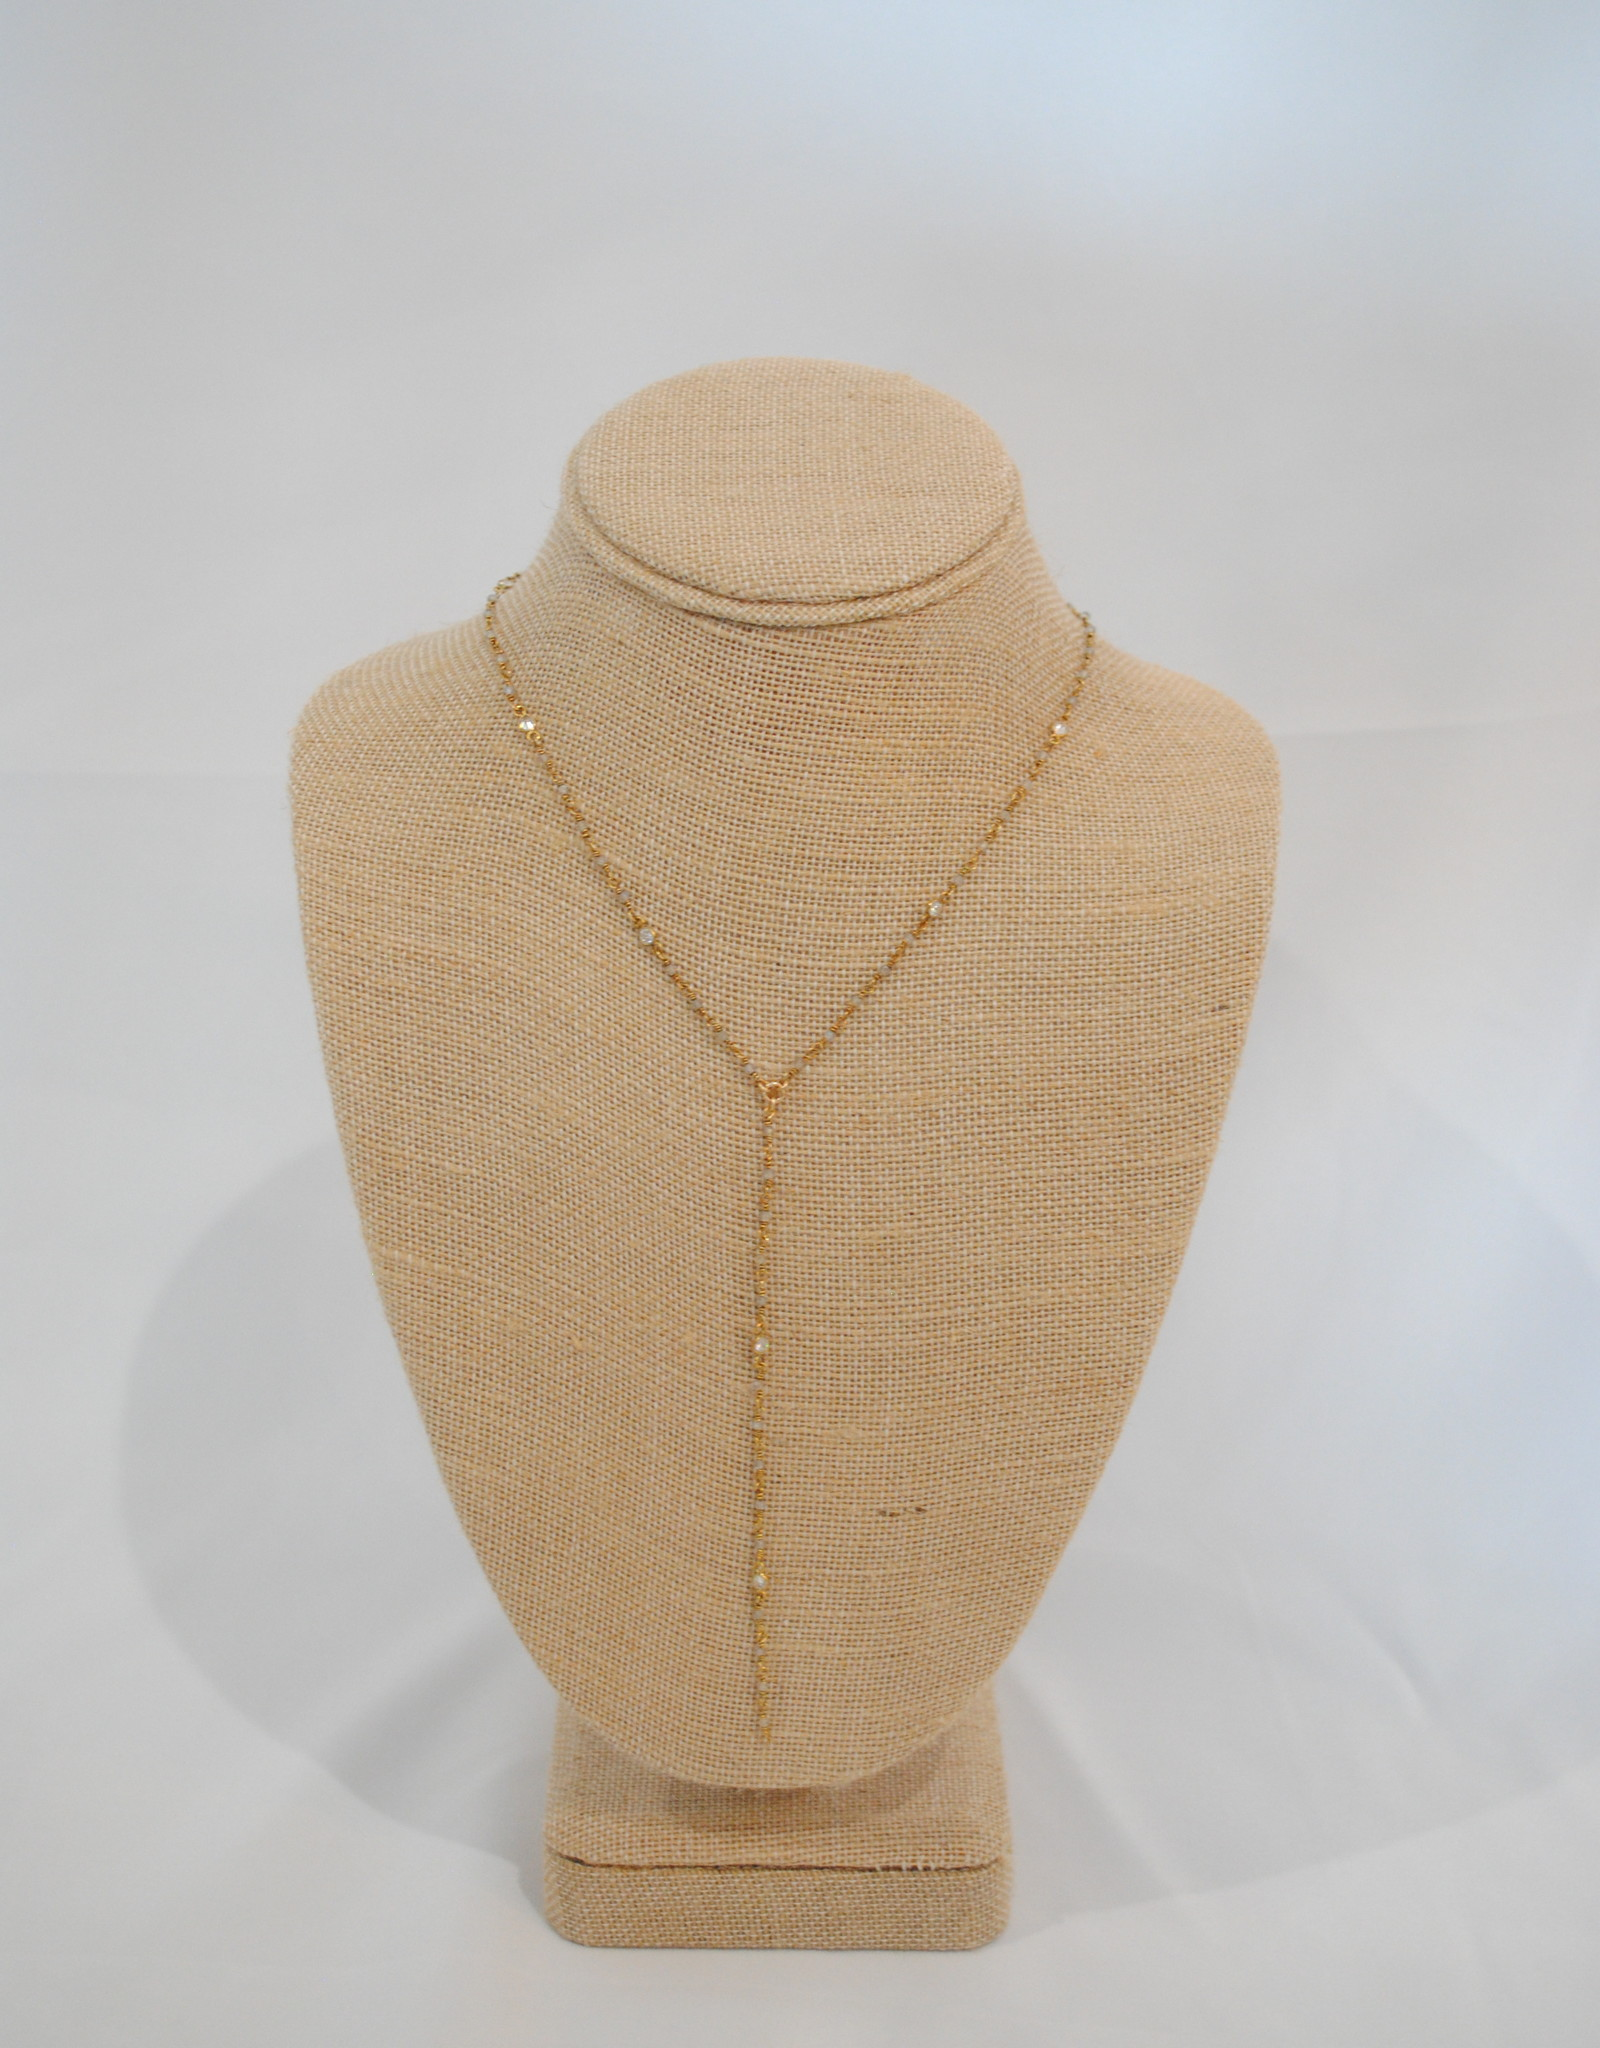 Joy Dravecky Gold chain with stone NY-1083